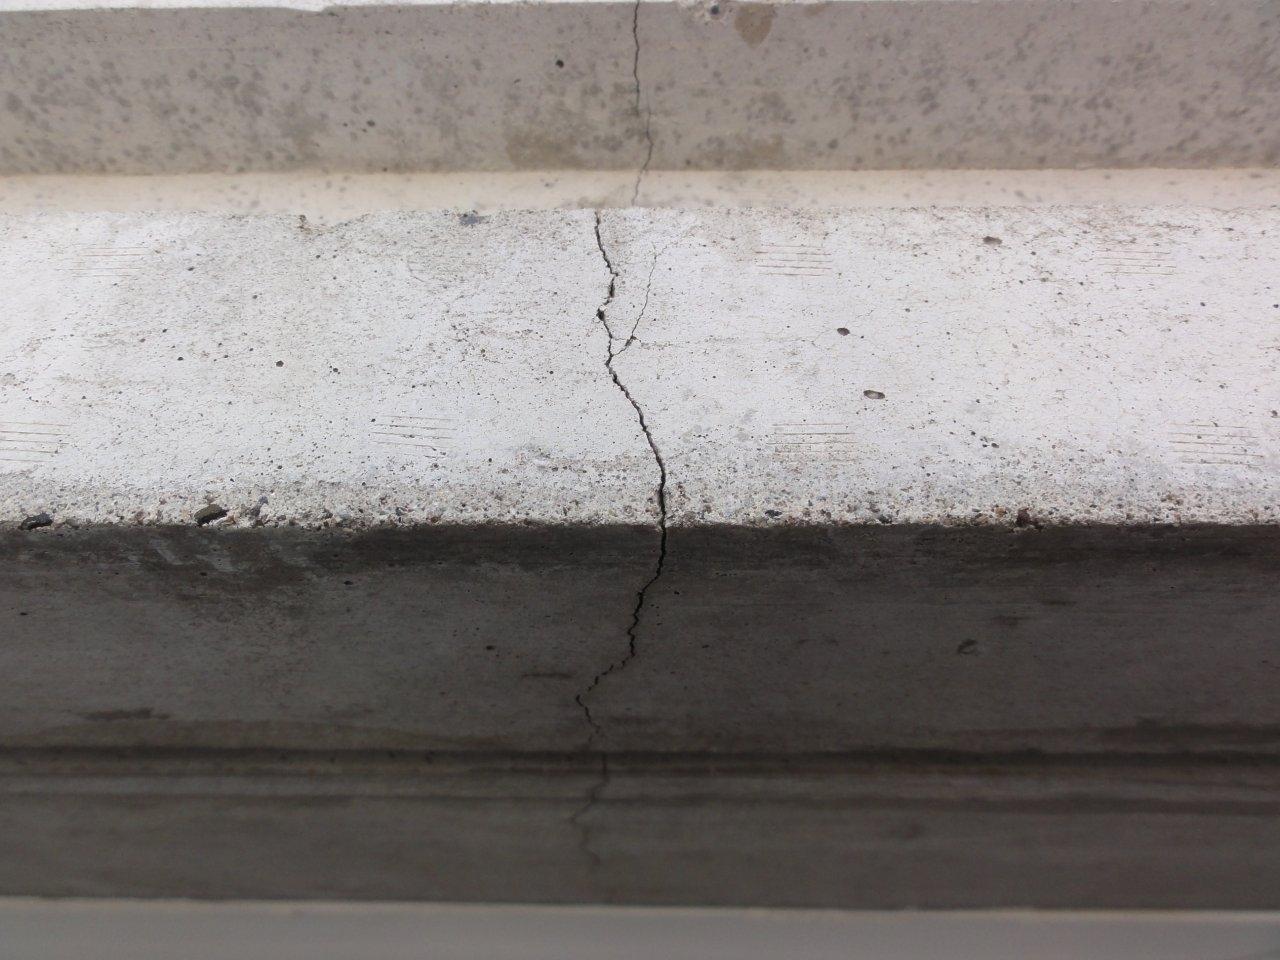 コンクリート補修2 クラック拡大